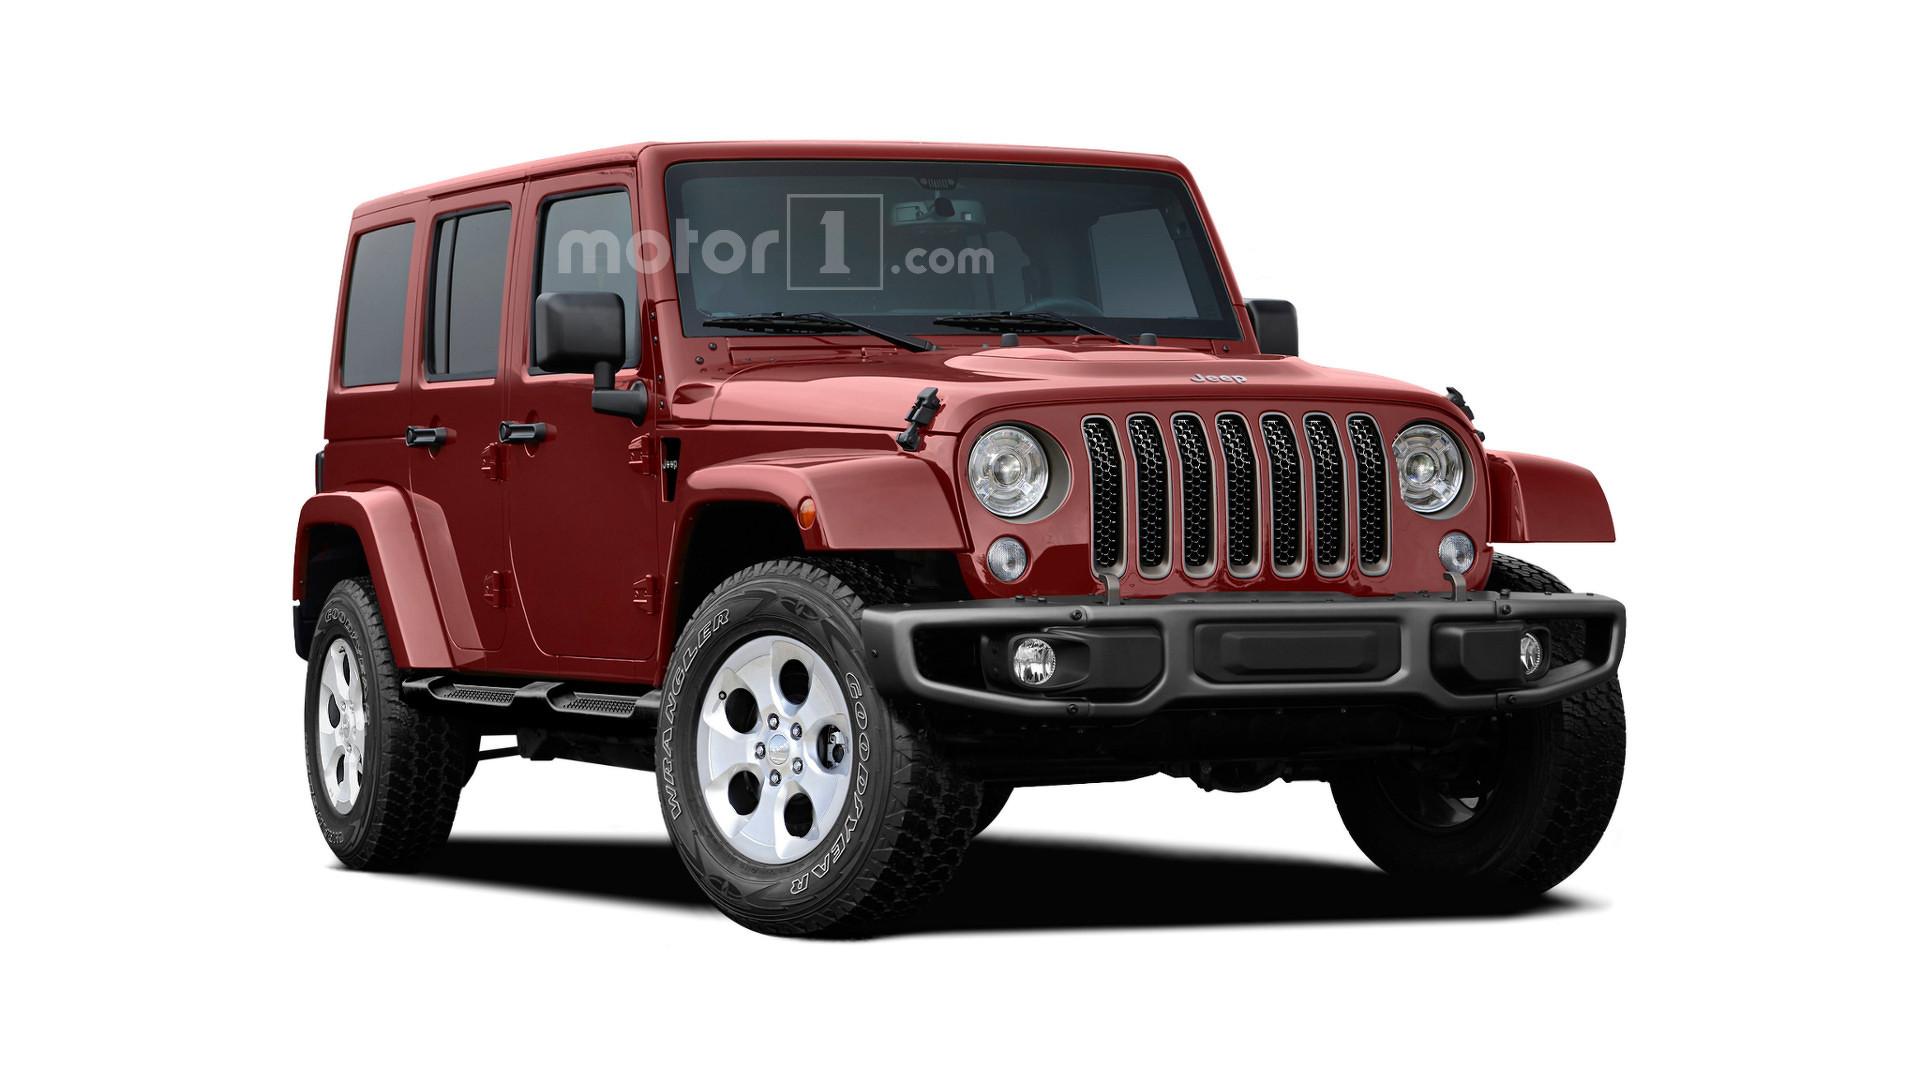 Next-gen Jeep Wrangler will have aluminum doors and hood